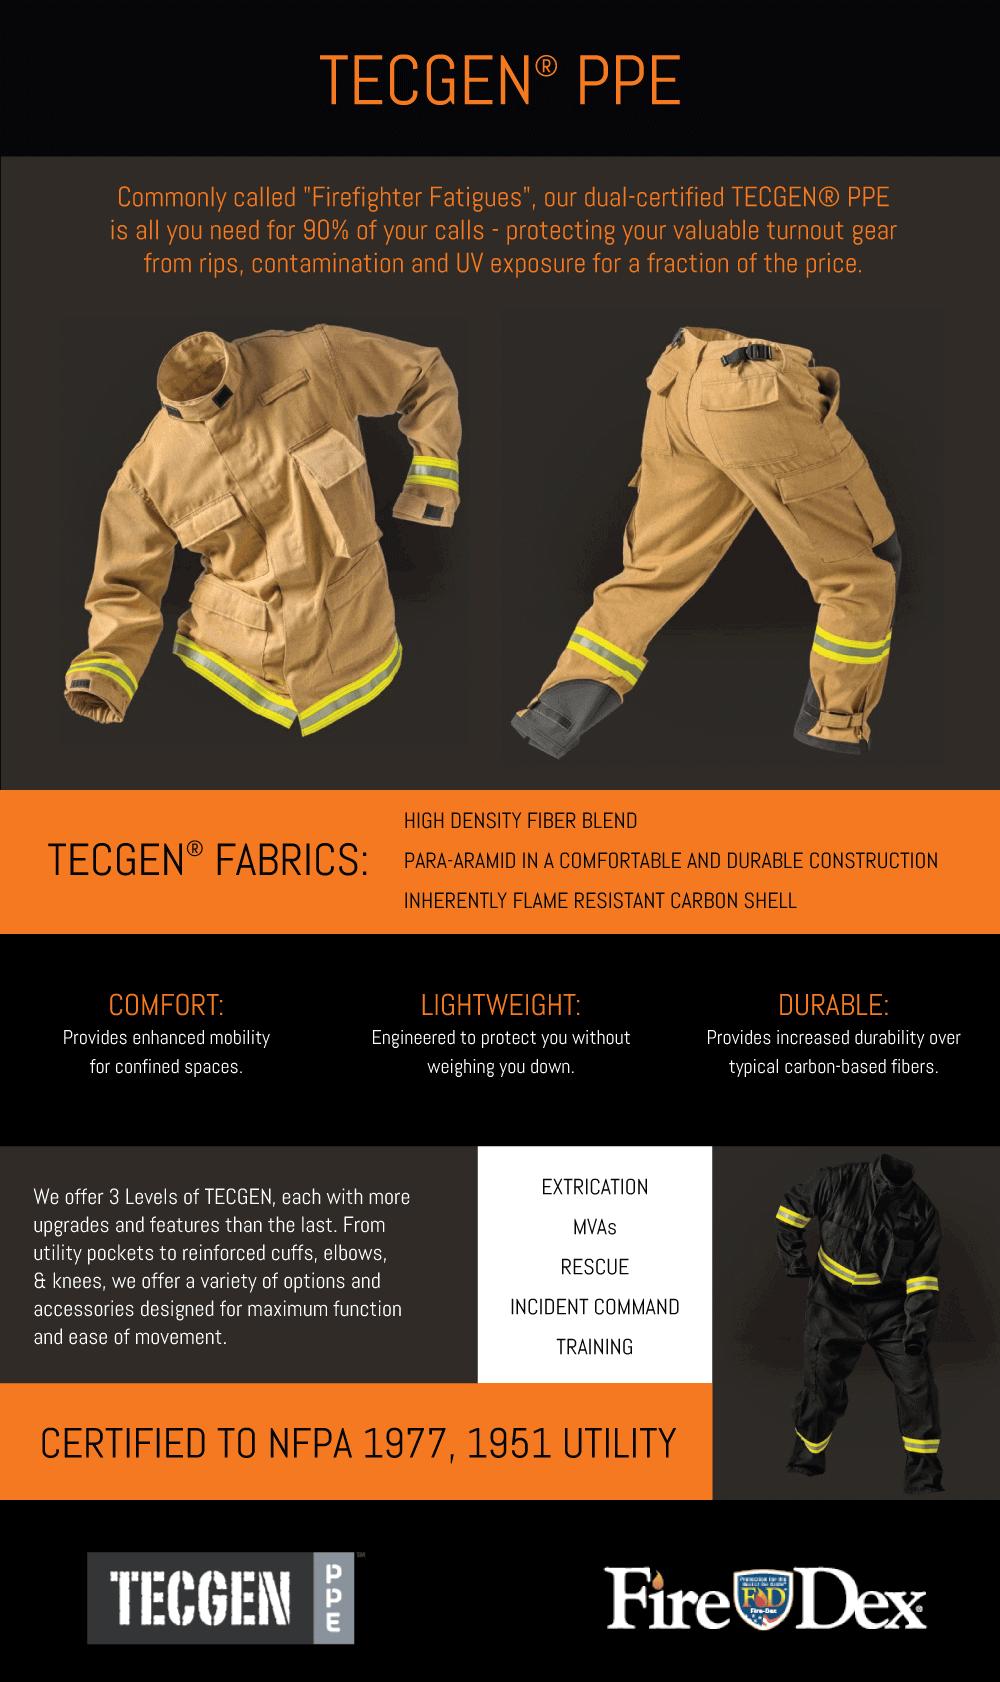 TECGEN PPE Fire-Dex Infographic